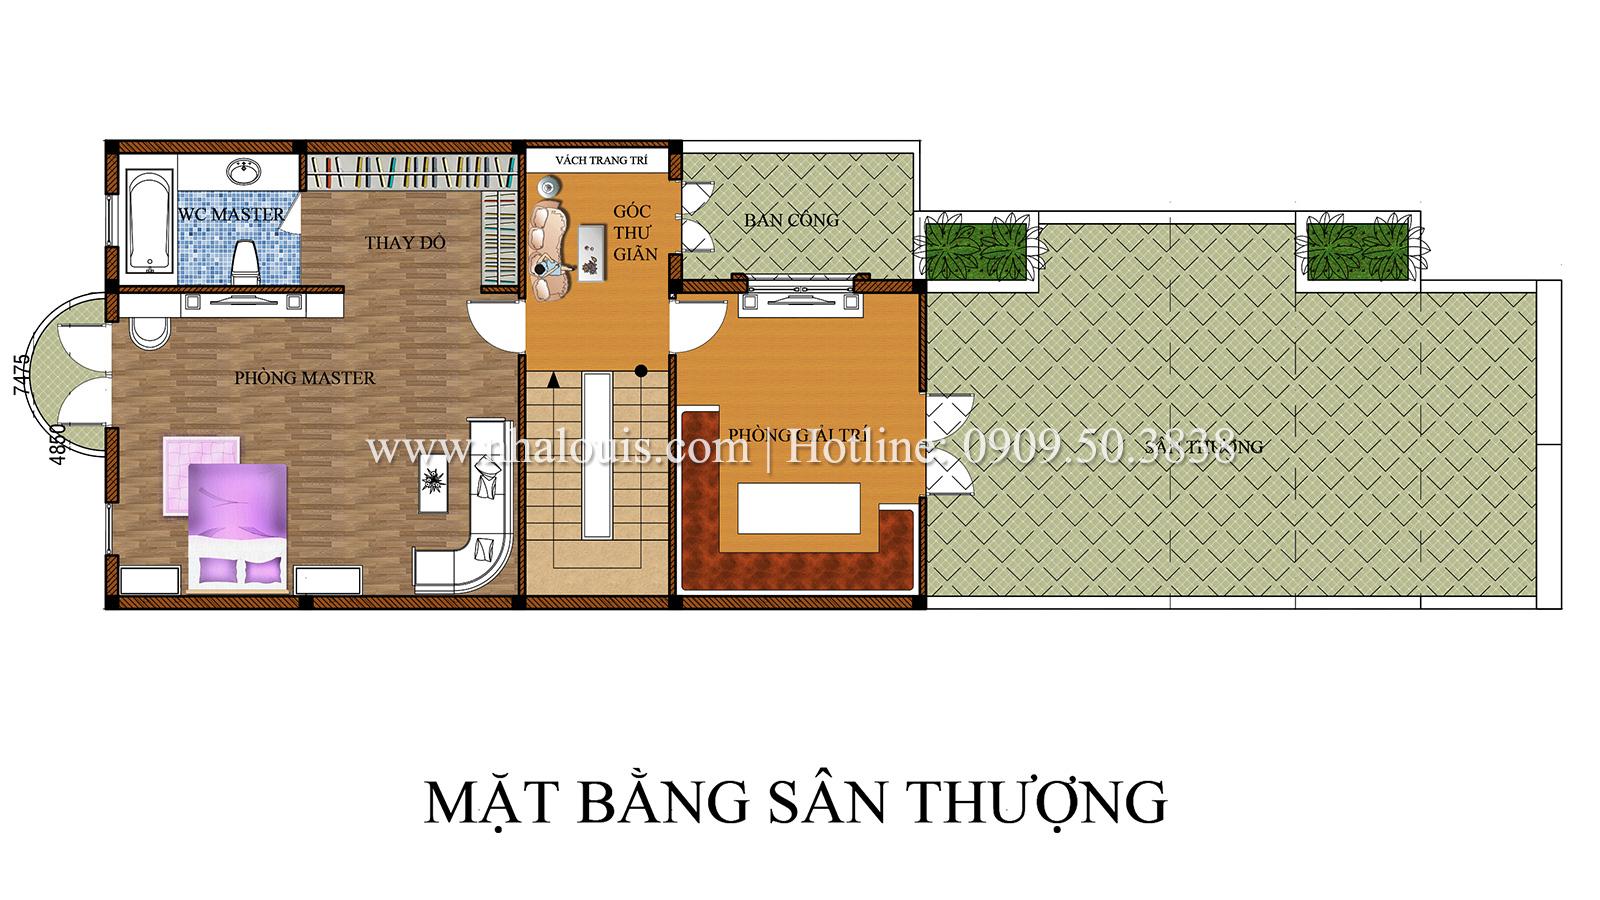 Thiết kế biệt thự cổ điển kết hợp kinh doanh tại Đồng Nai diễm lệ và kiêu sa - 26